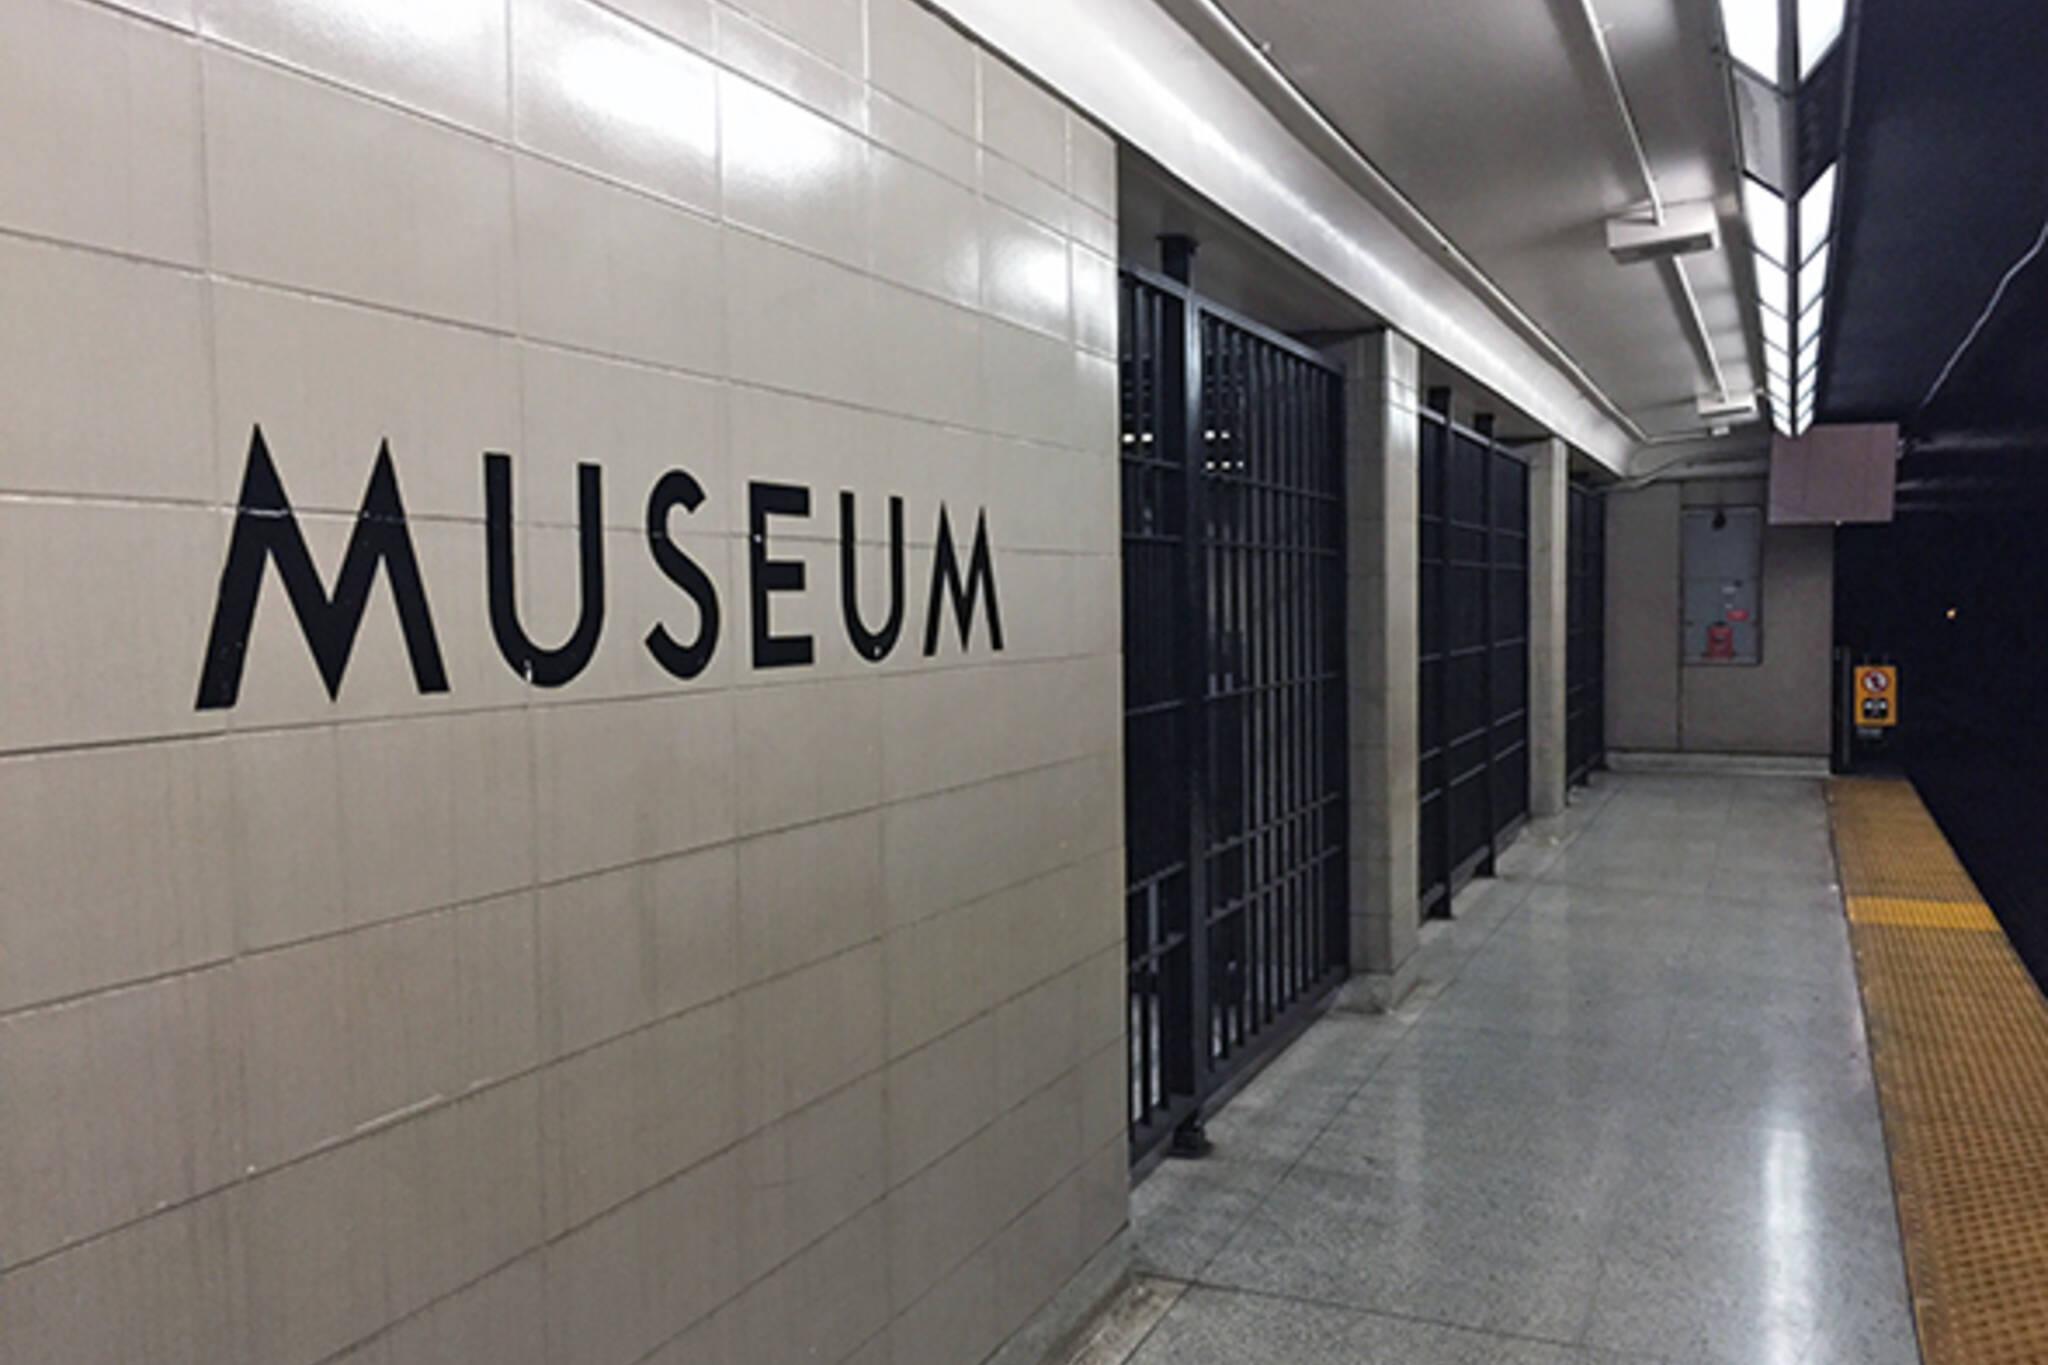 mueseum station jail